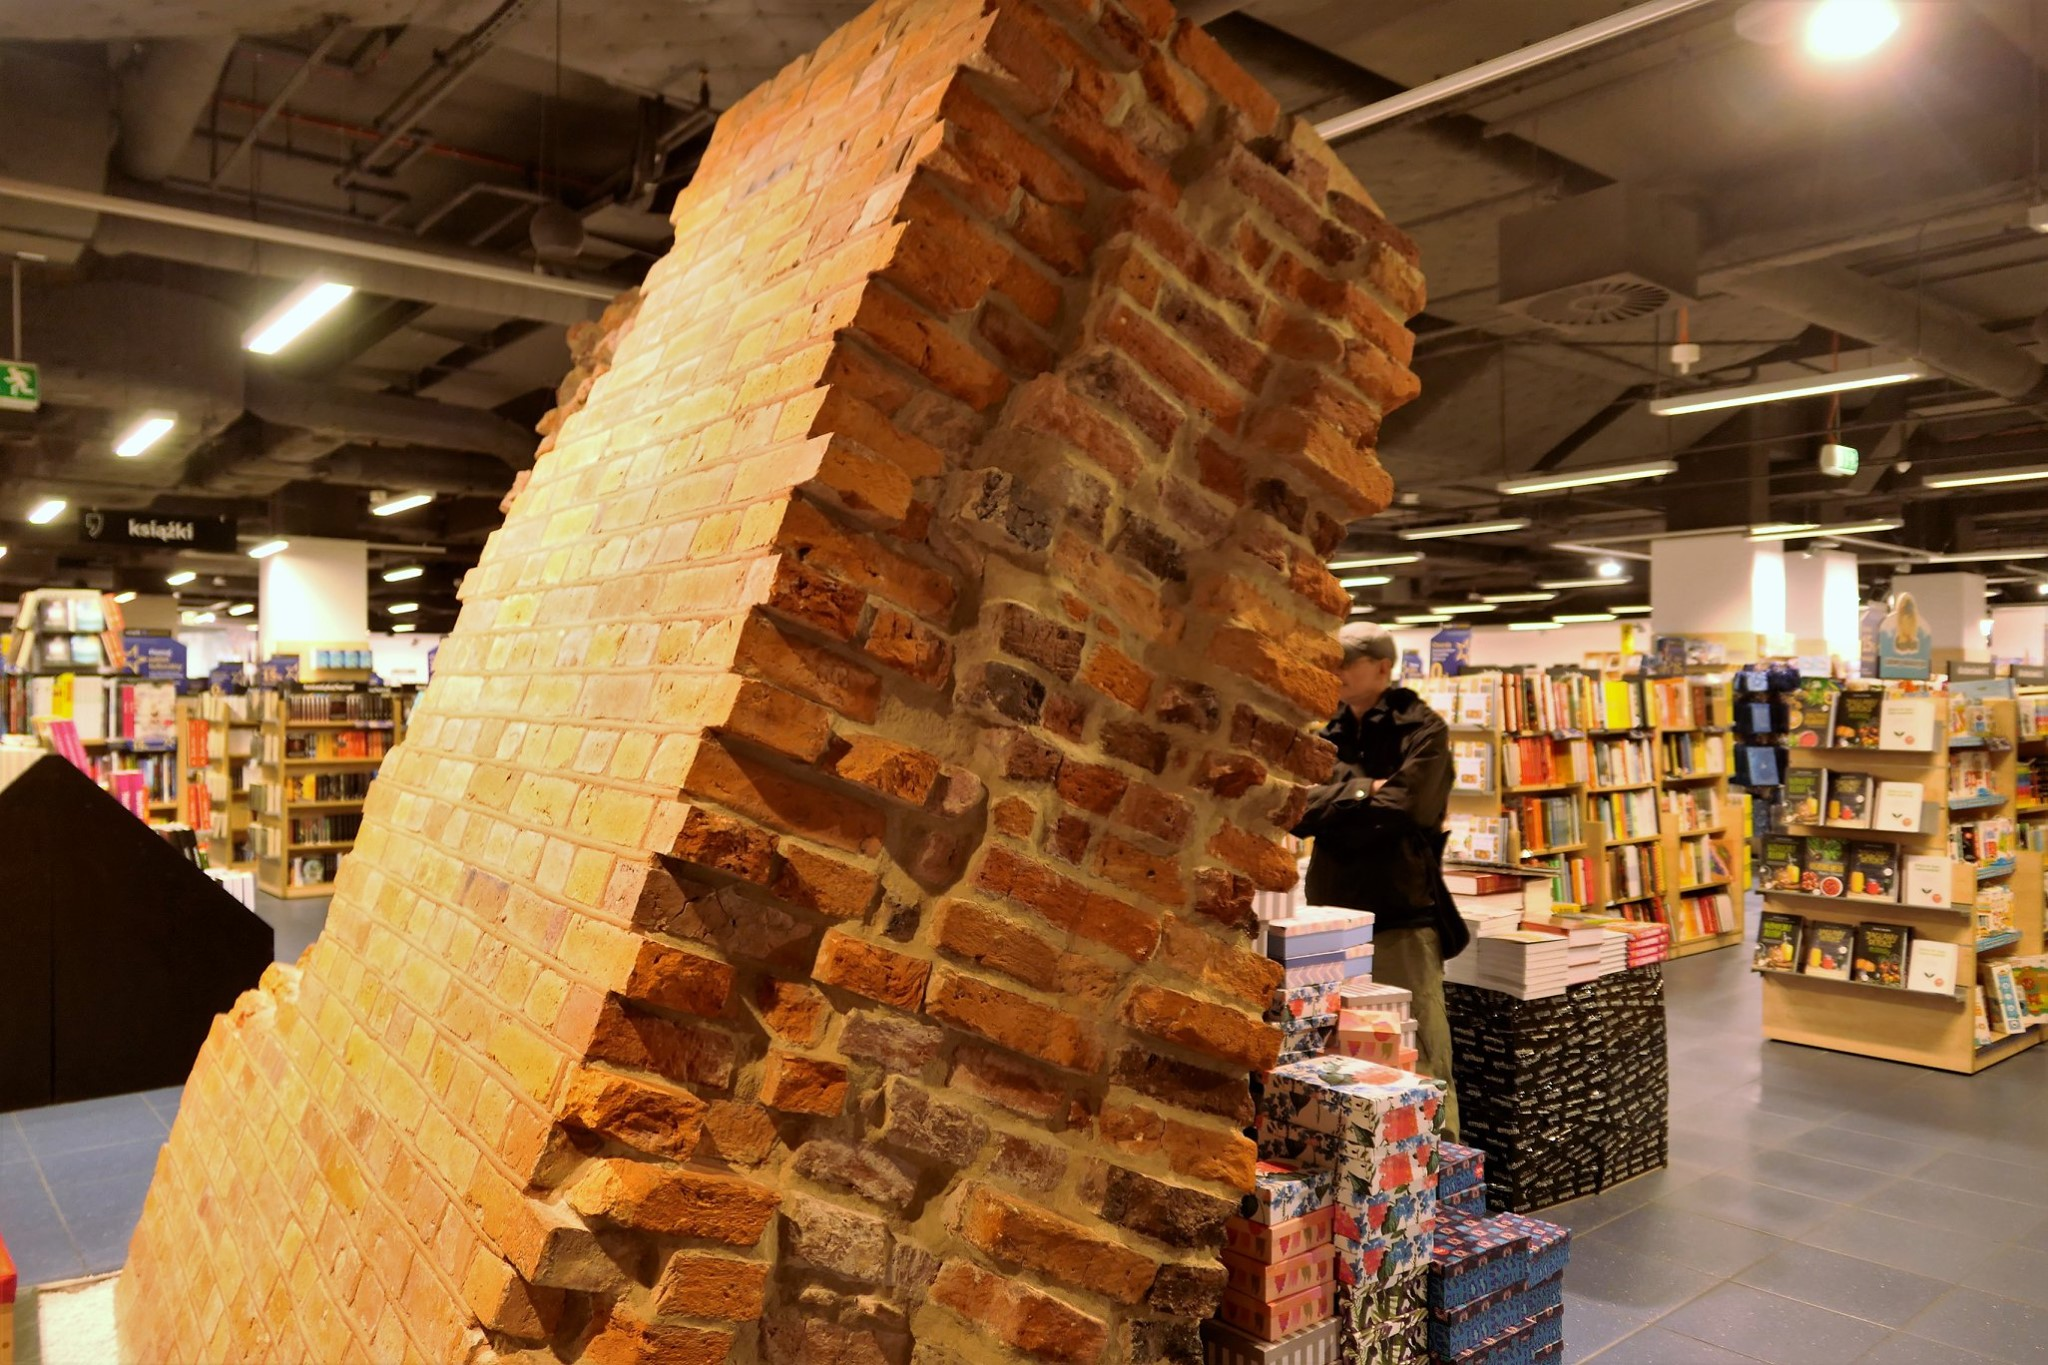 Mauer in der Galerie Kaskada